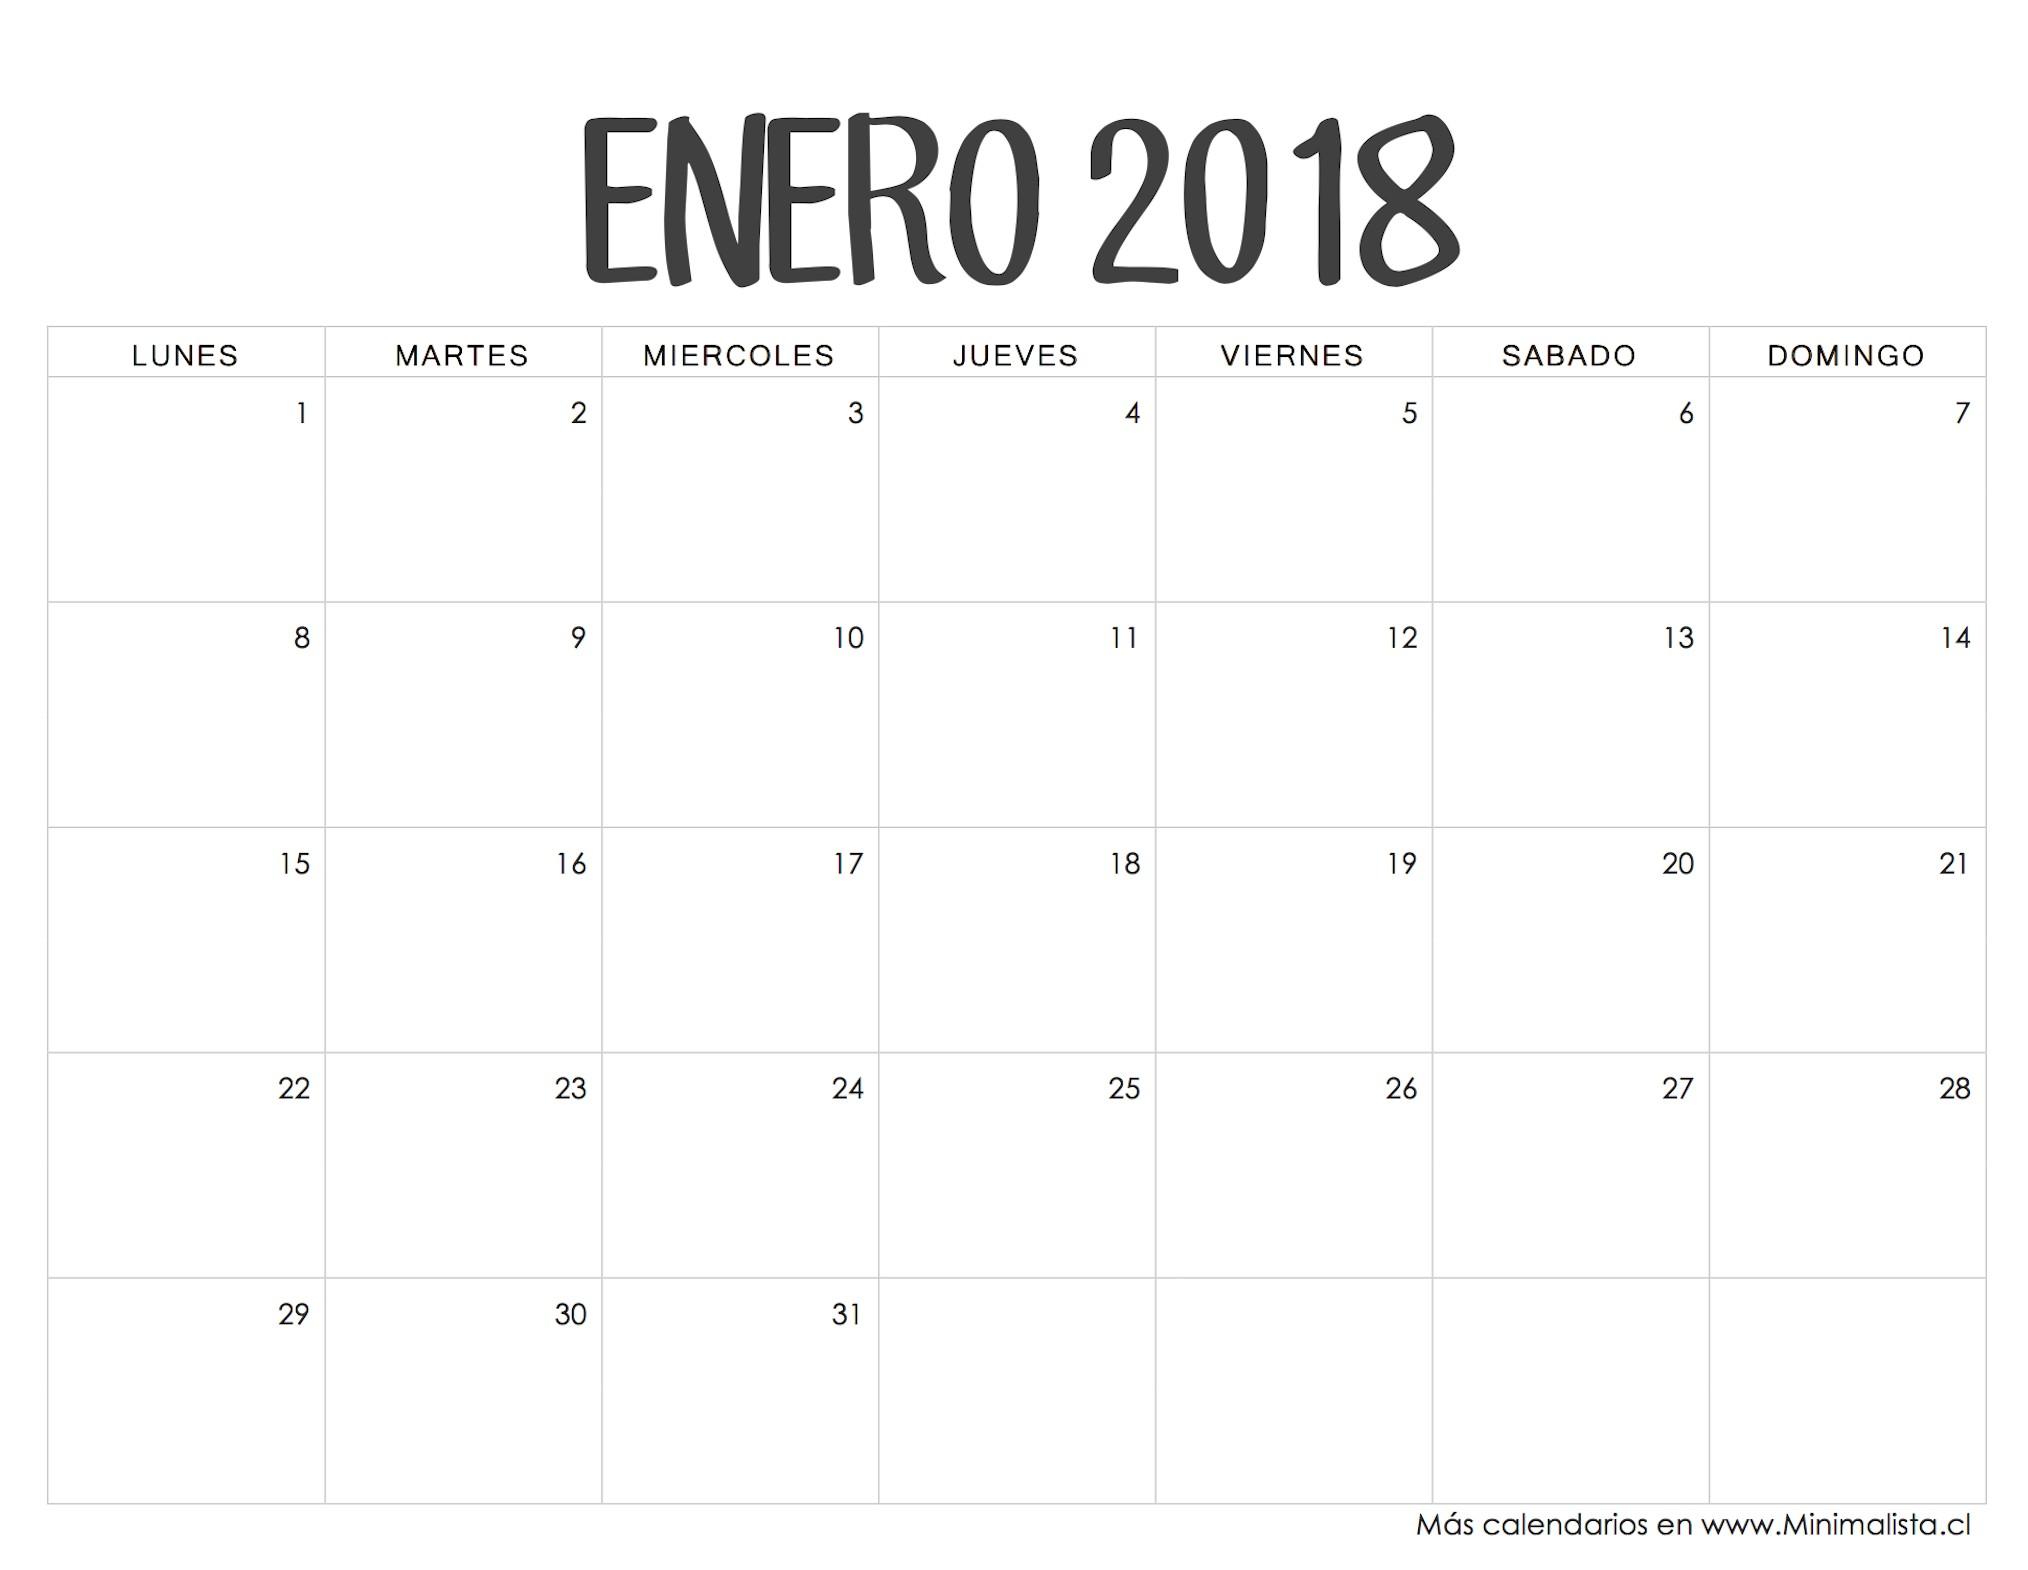 Calendario 2019 Argentina Para Imprimir Marzo Más Recientes Calendarios 2018 Para Imprimir – Minimalista Of Calendario 2019 Argentina Para Imprimir Marzo Más Caliente Calendario 2018 Archives Calenda 2019